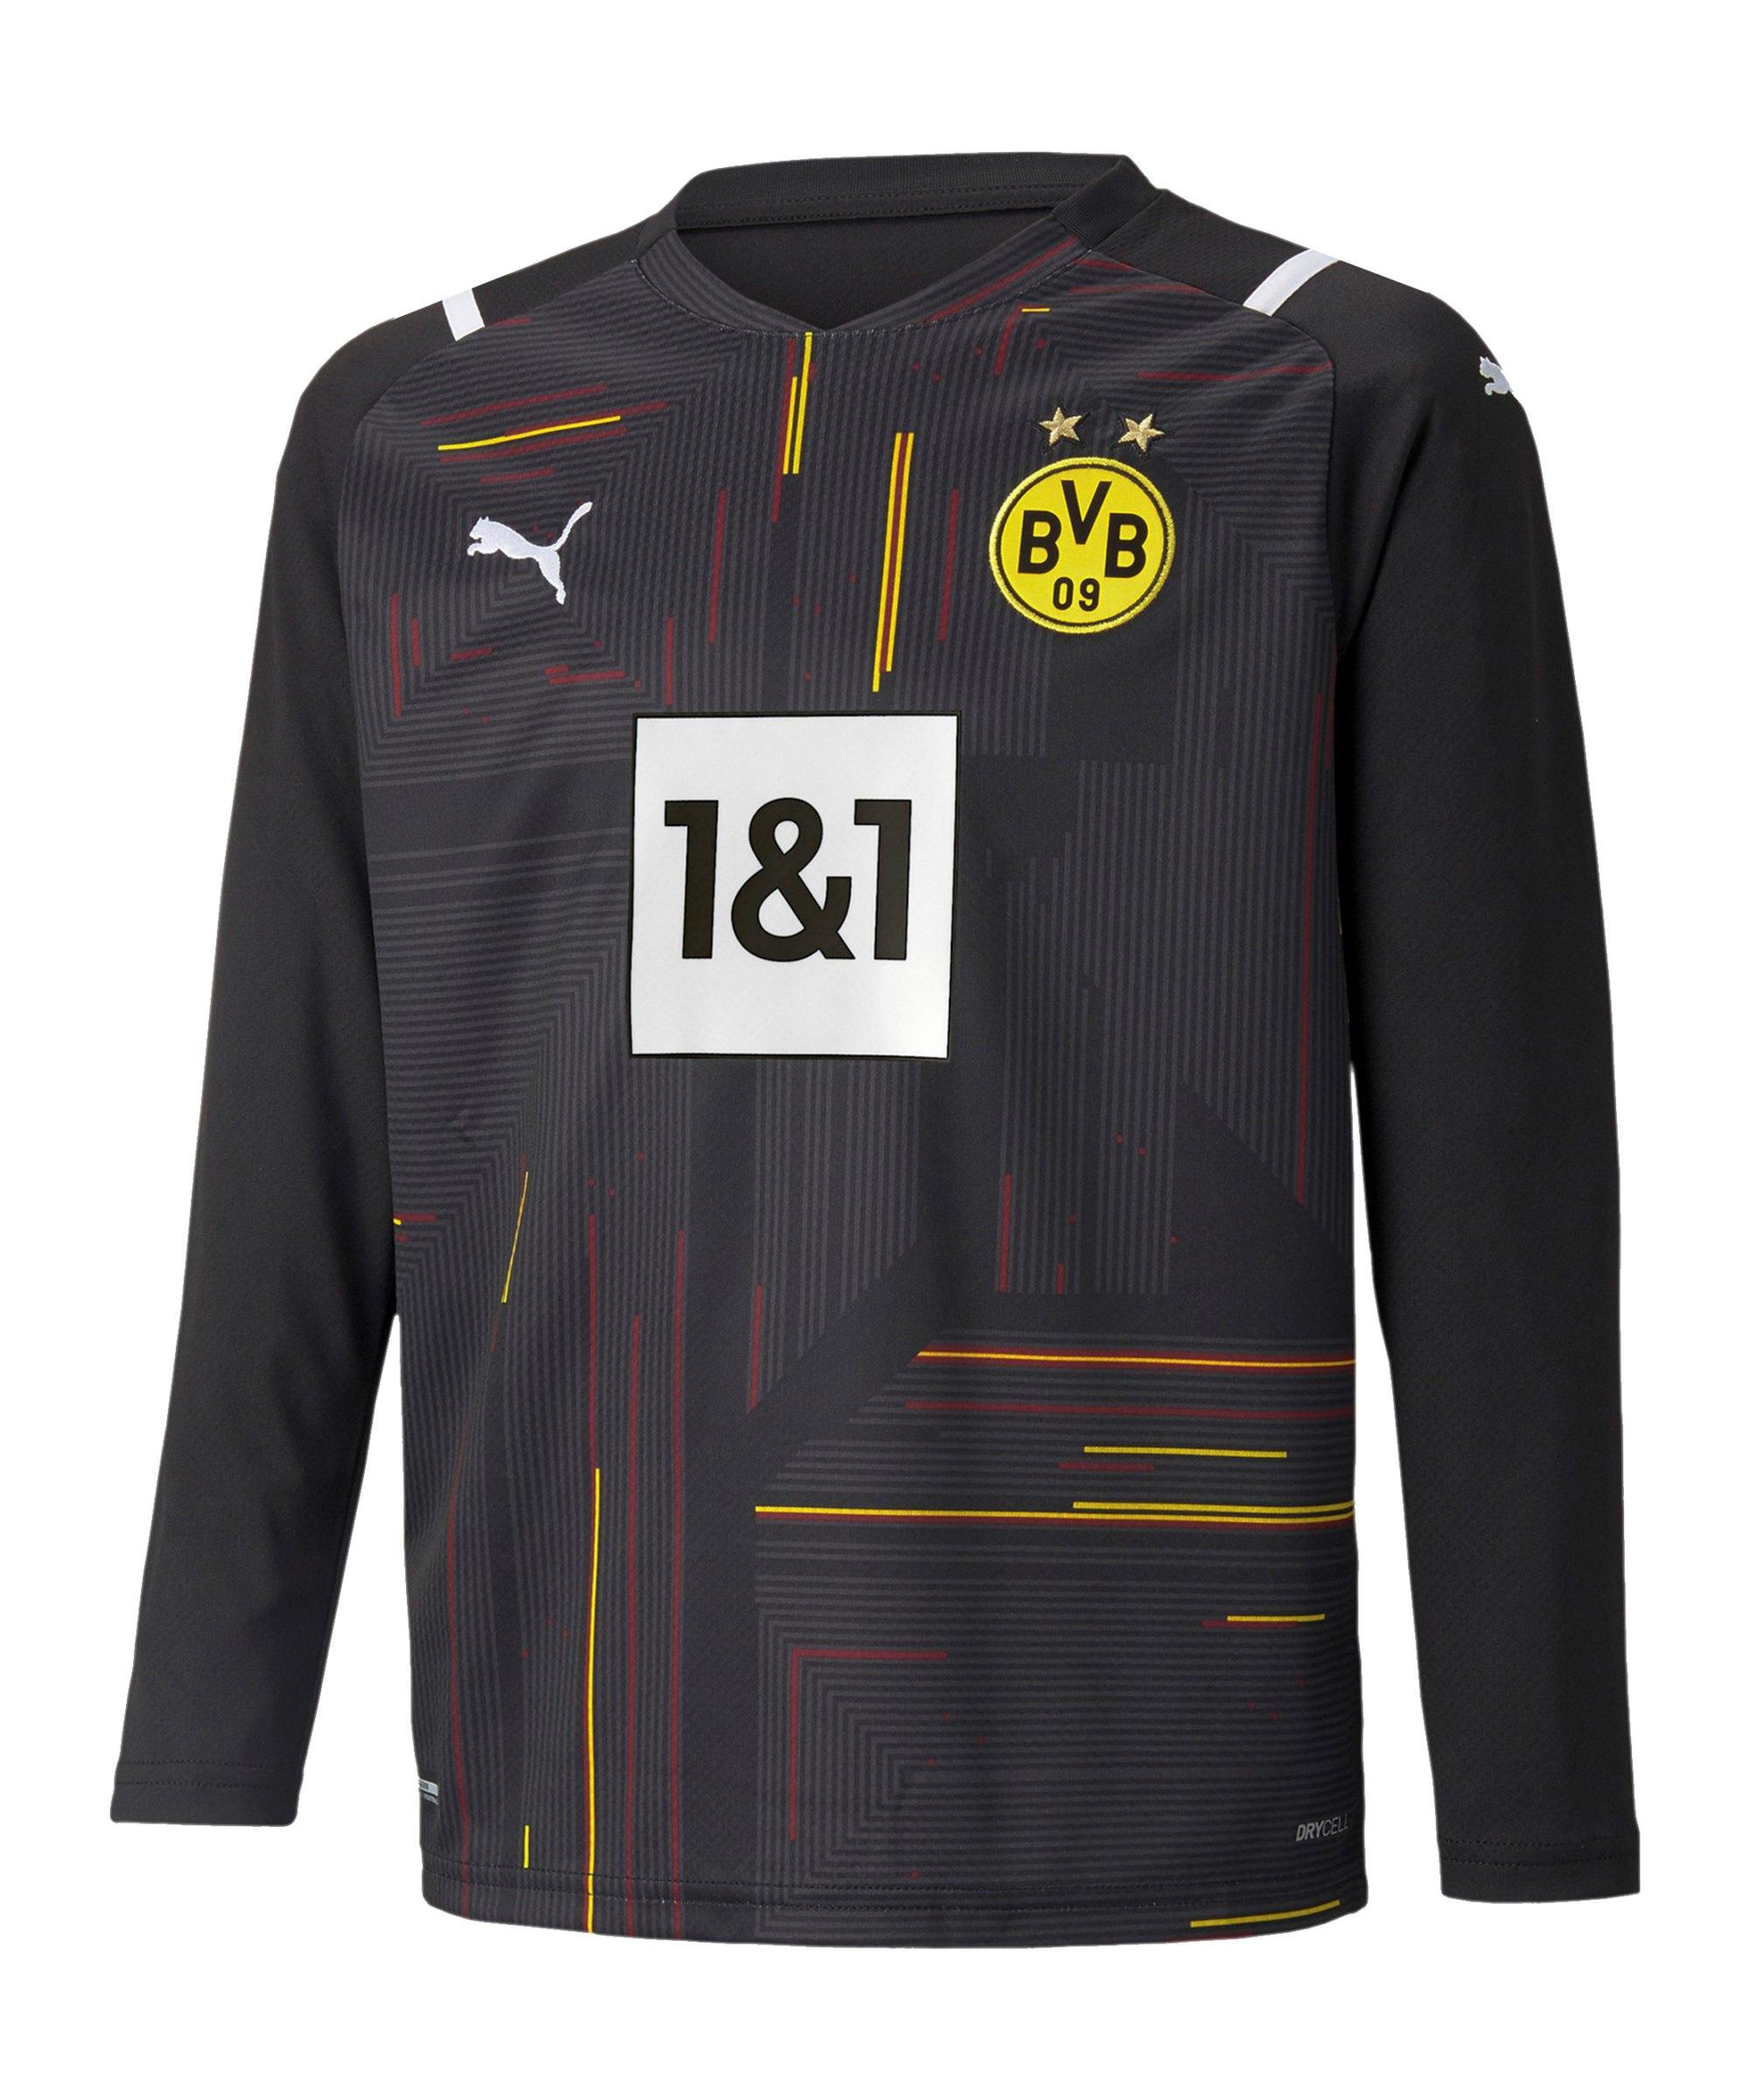 PUMA BVB Dortmund Torwarttrikot 2021/2022 Kids Schwarz Weiss F49 - schwarz